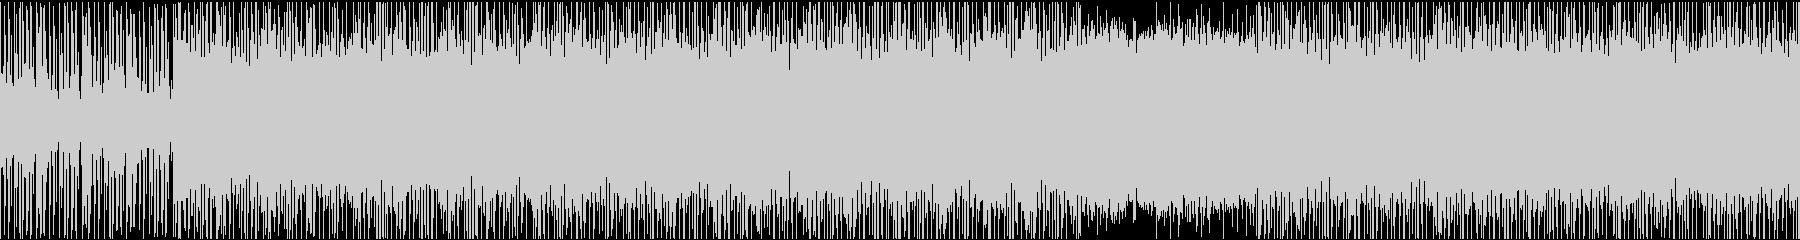 【ループ仕様】ダークな雰囲気のピアノ楽曲の未再生の波形